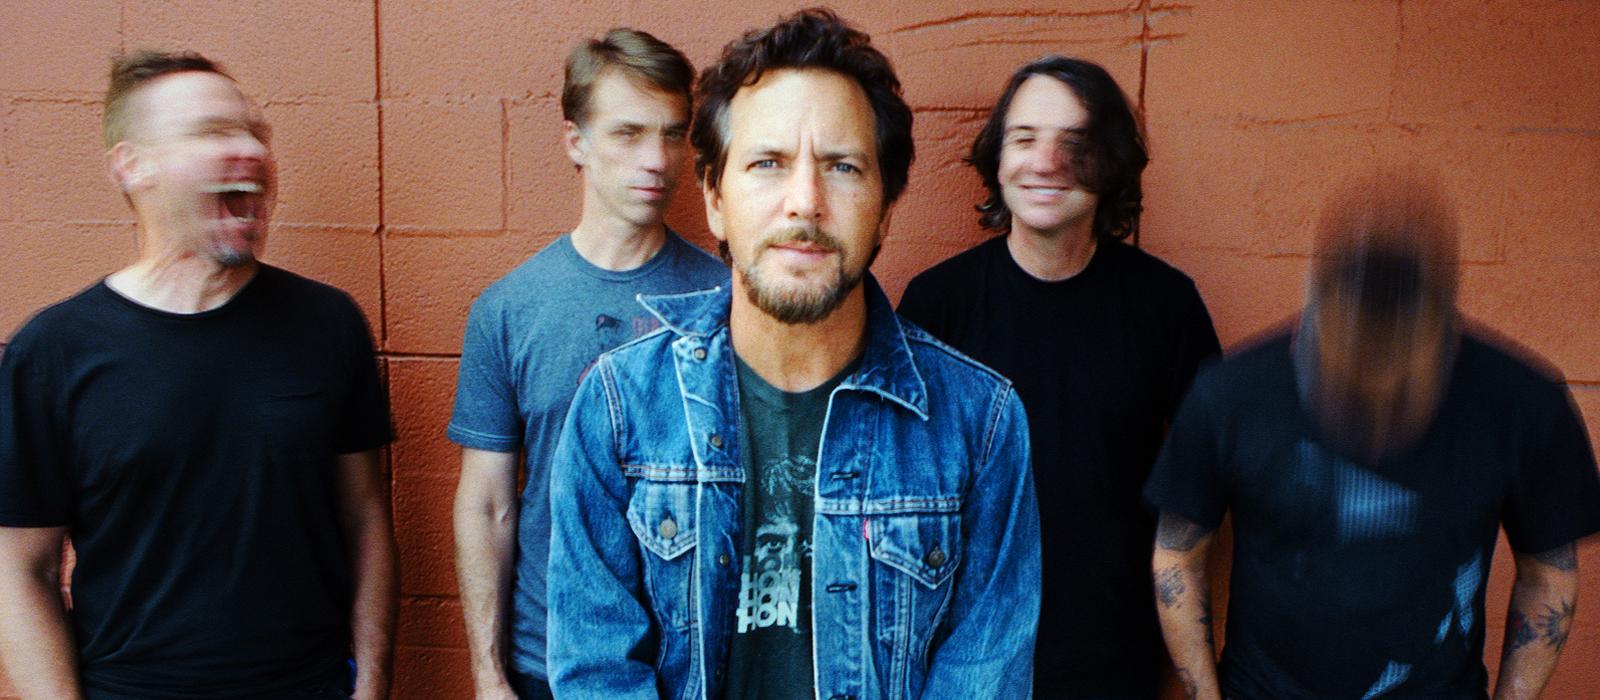 Pearl Jam 2020 Tour.Rumoured Pearl Jam Planning Tour For 2020 Festileaks Com